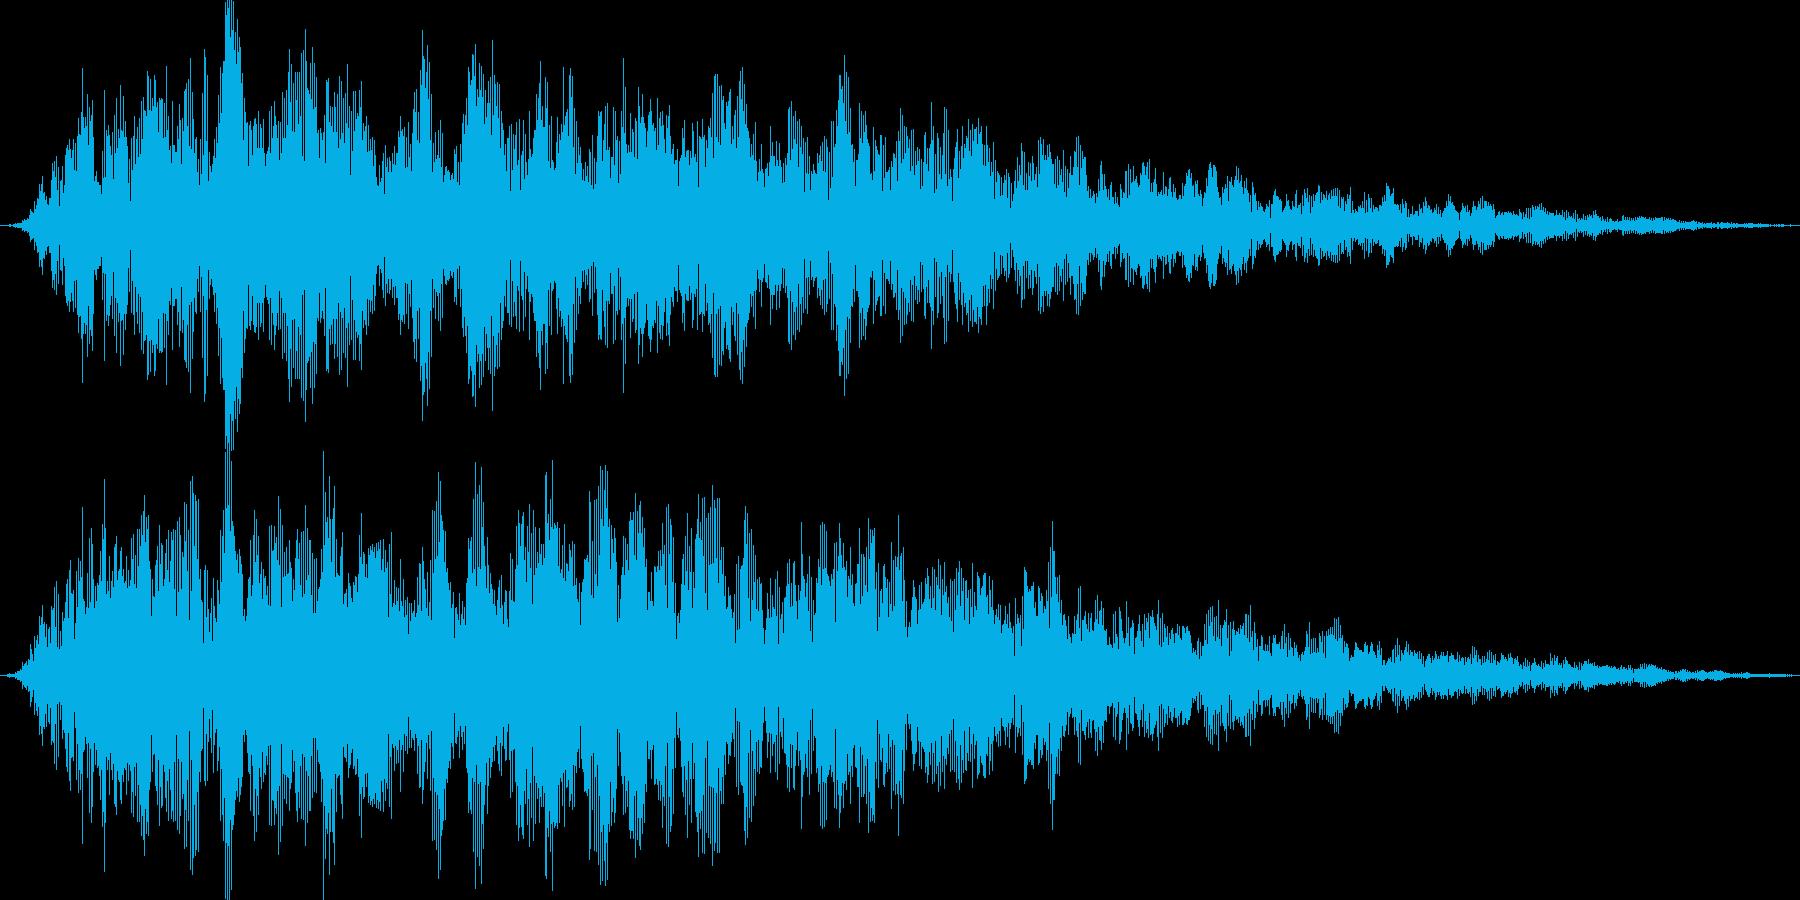 神々しい光(男声合唱)の再生済みの波形